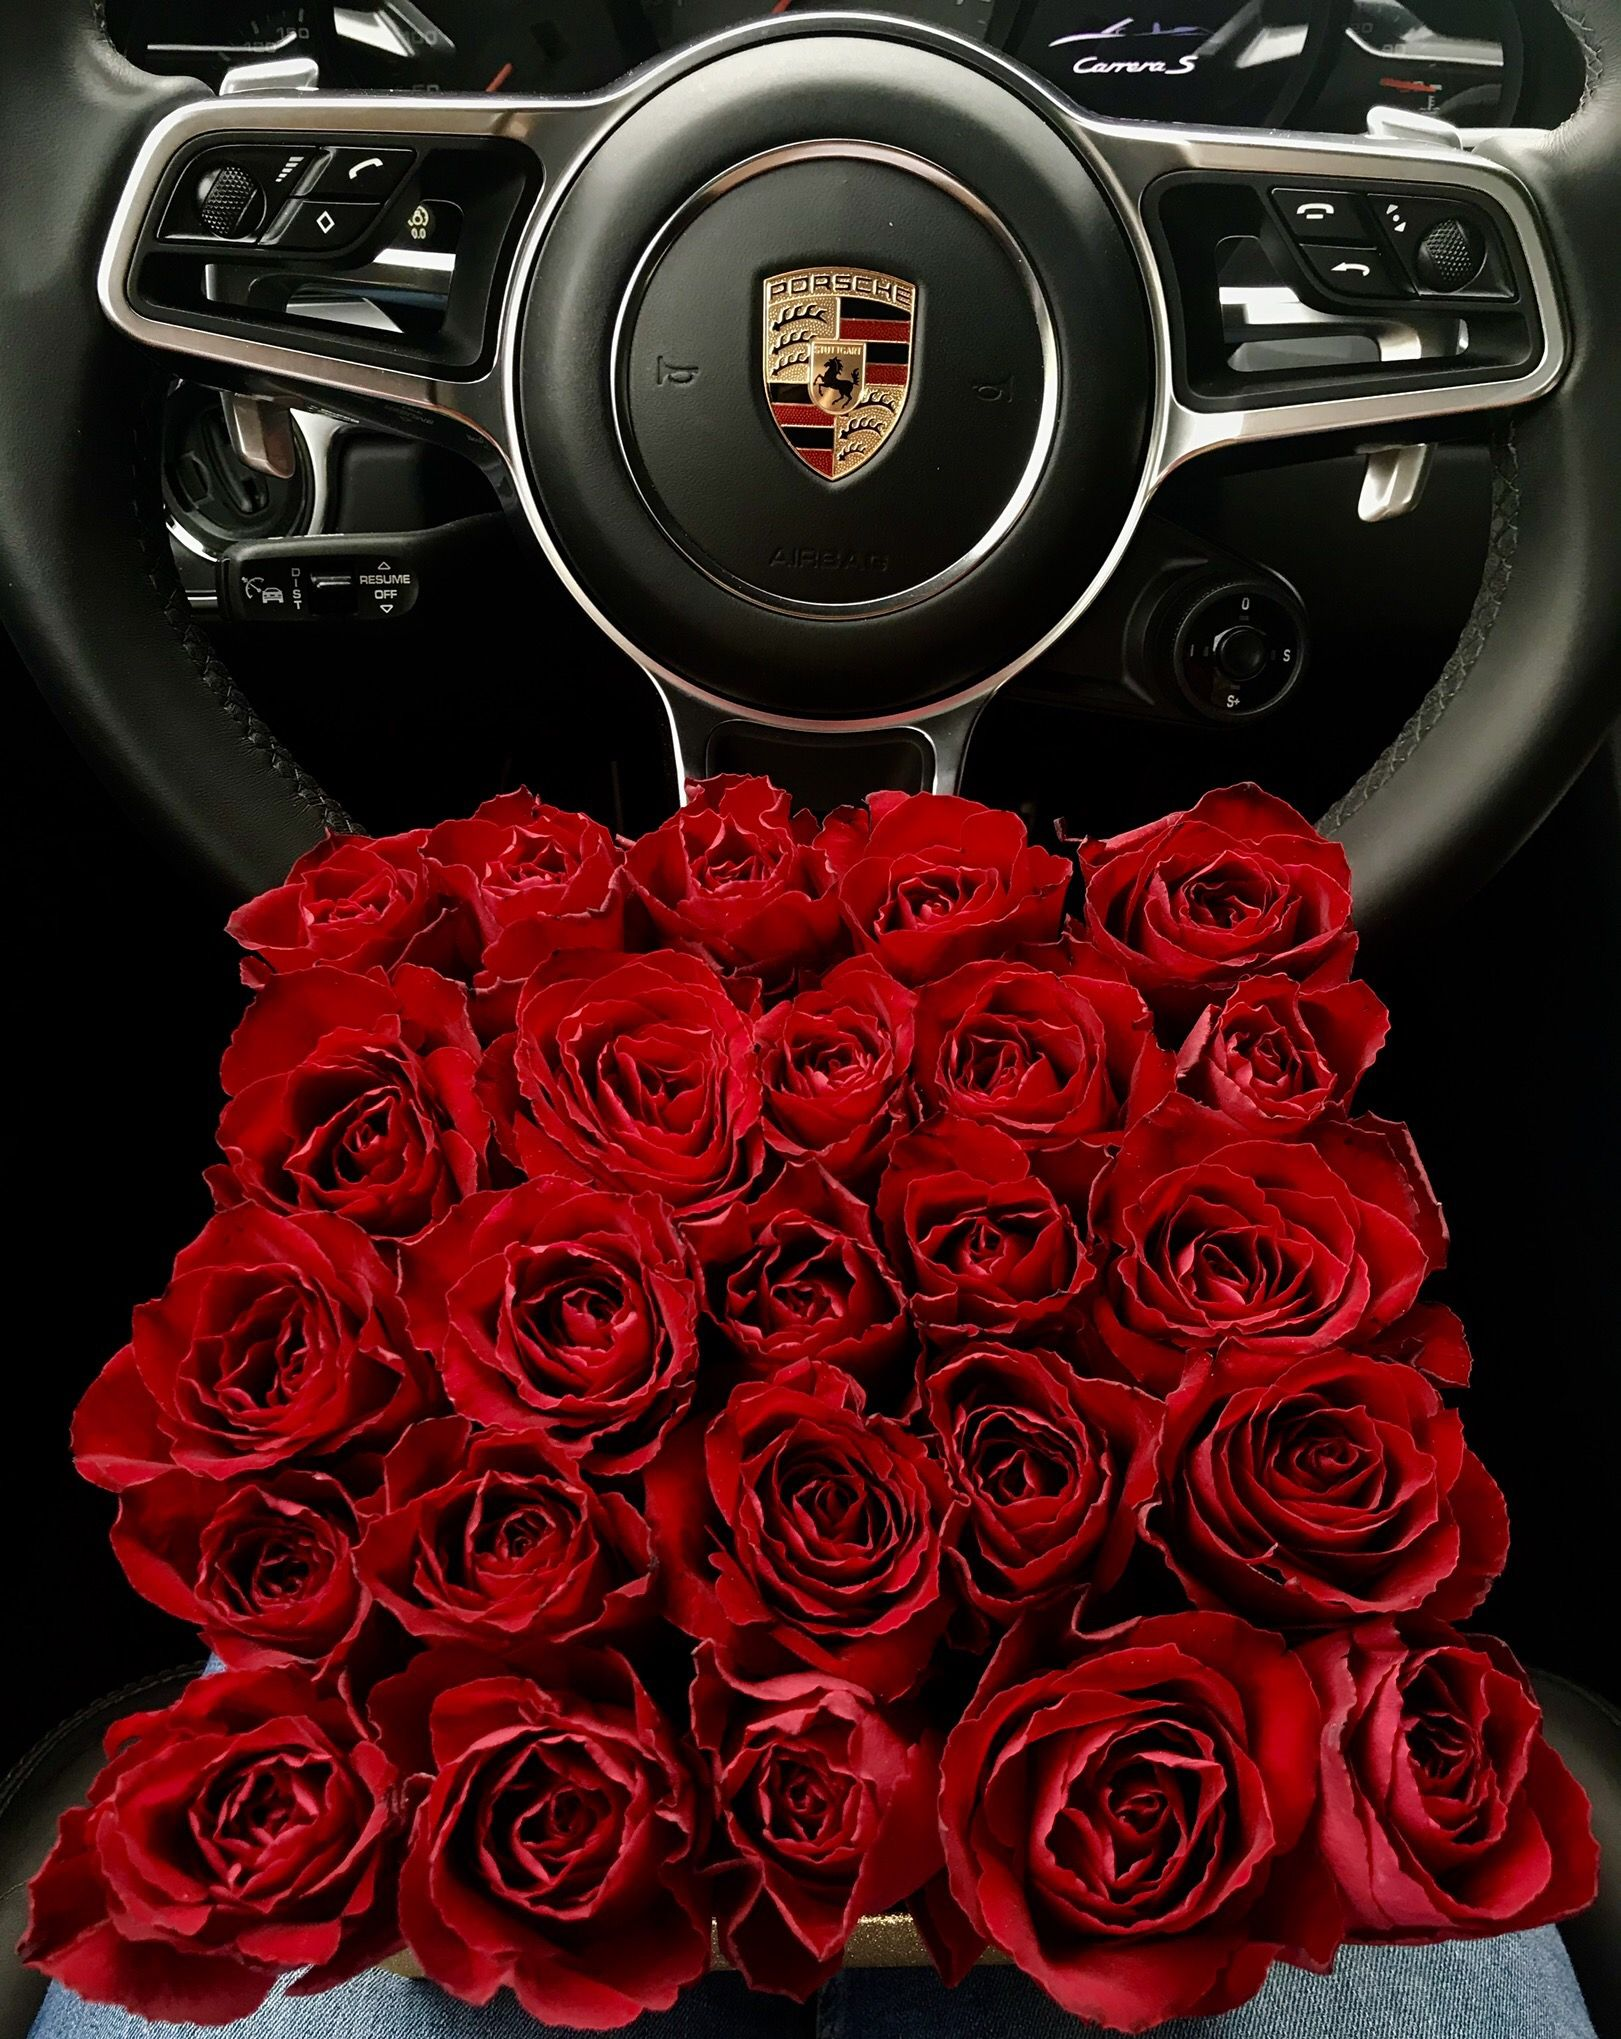 Rosenbox Porsche Carrera S Rote Rosen Luxury Lifestyle Steering Wheel Porsche